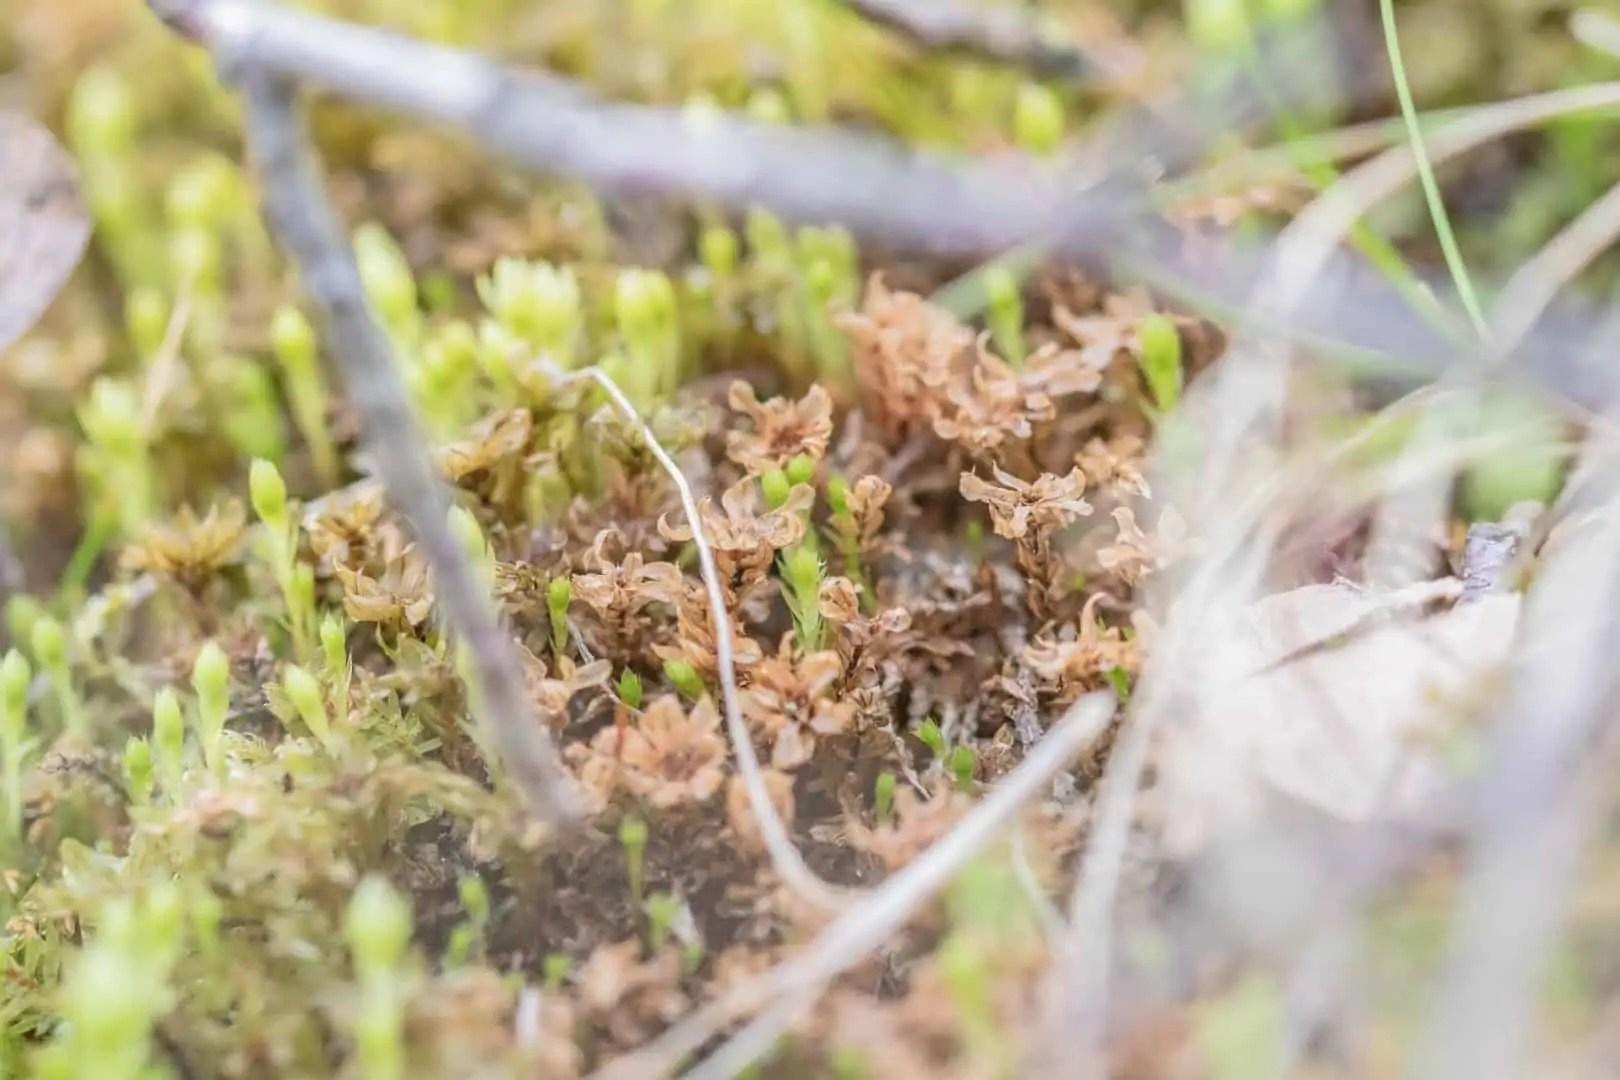 Makrofotografia przyrodnicza w lesie obiektyw Tamron 90mm macro 28 - Makrofotografia poradnik i 7 pomysłów